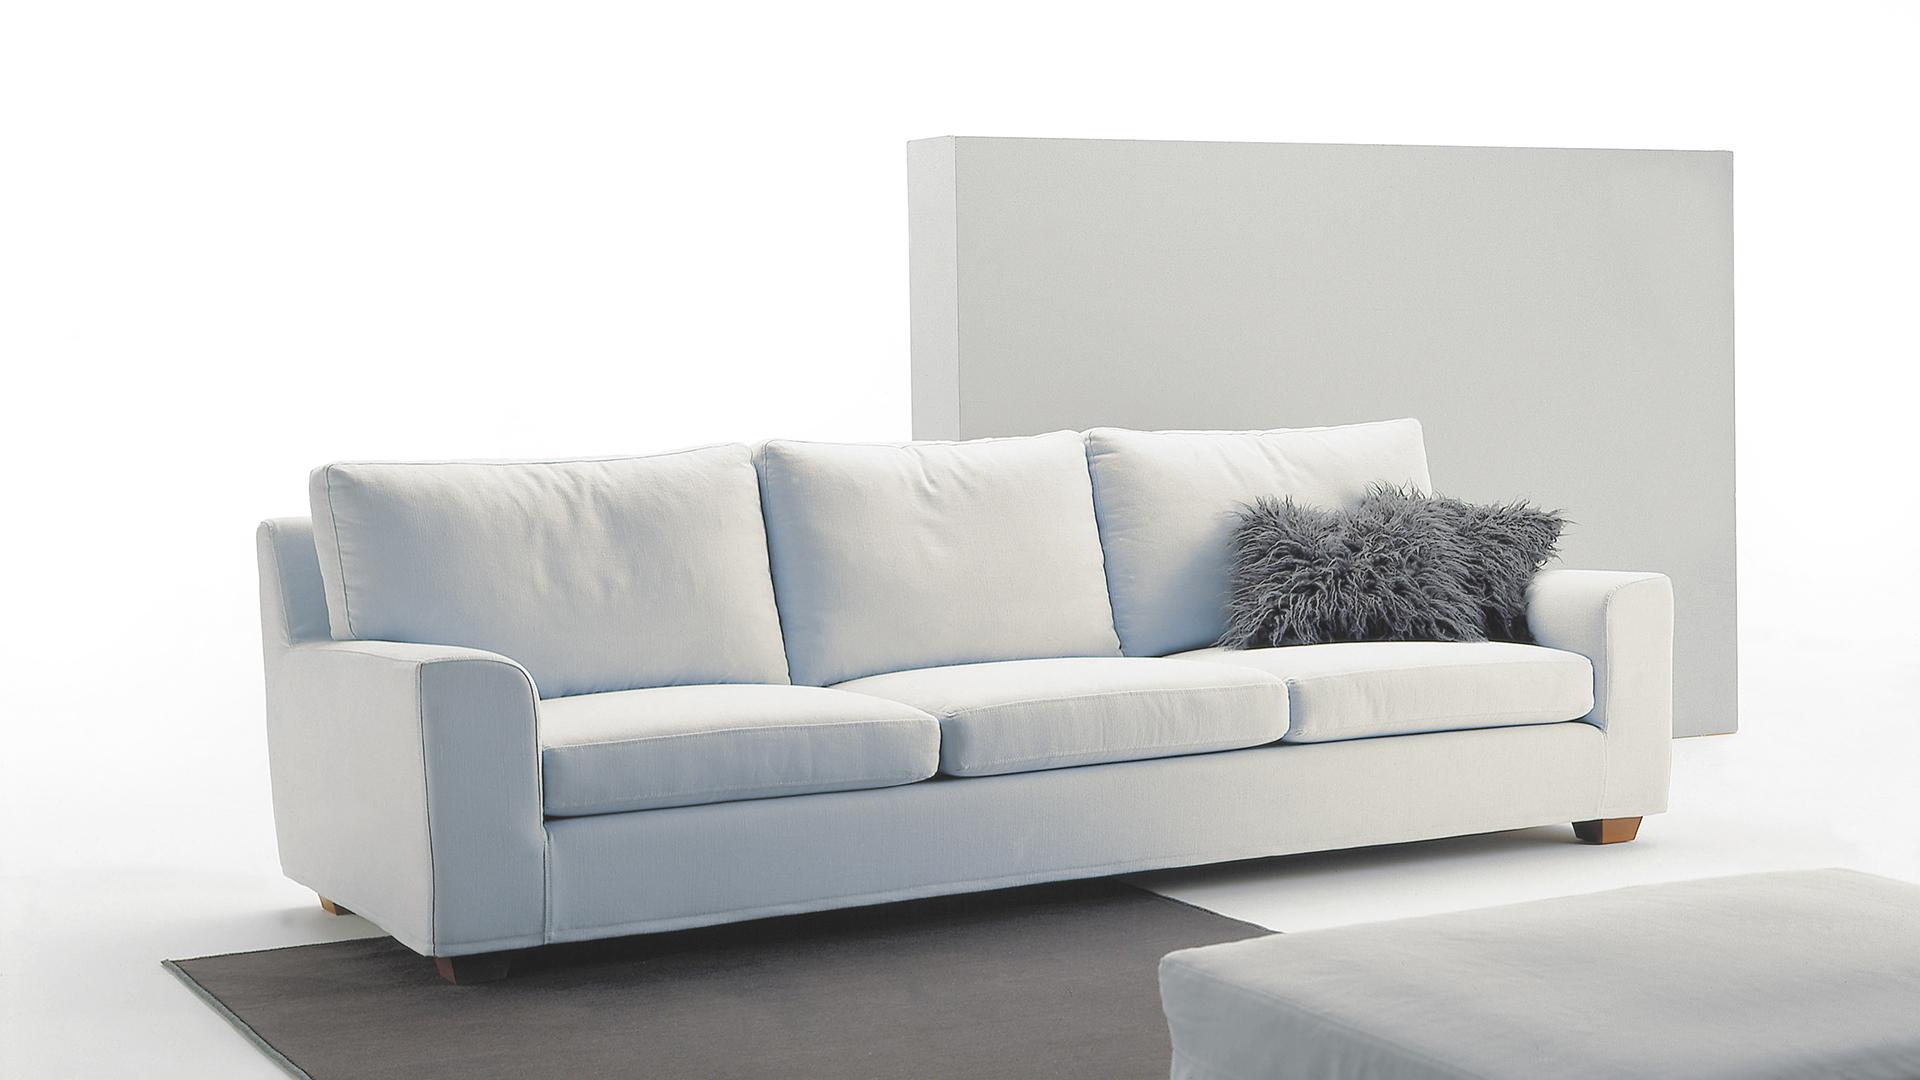 divano-lineare-classico-dolcevita-murtarelli